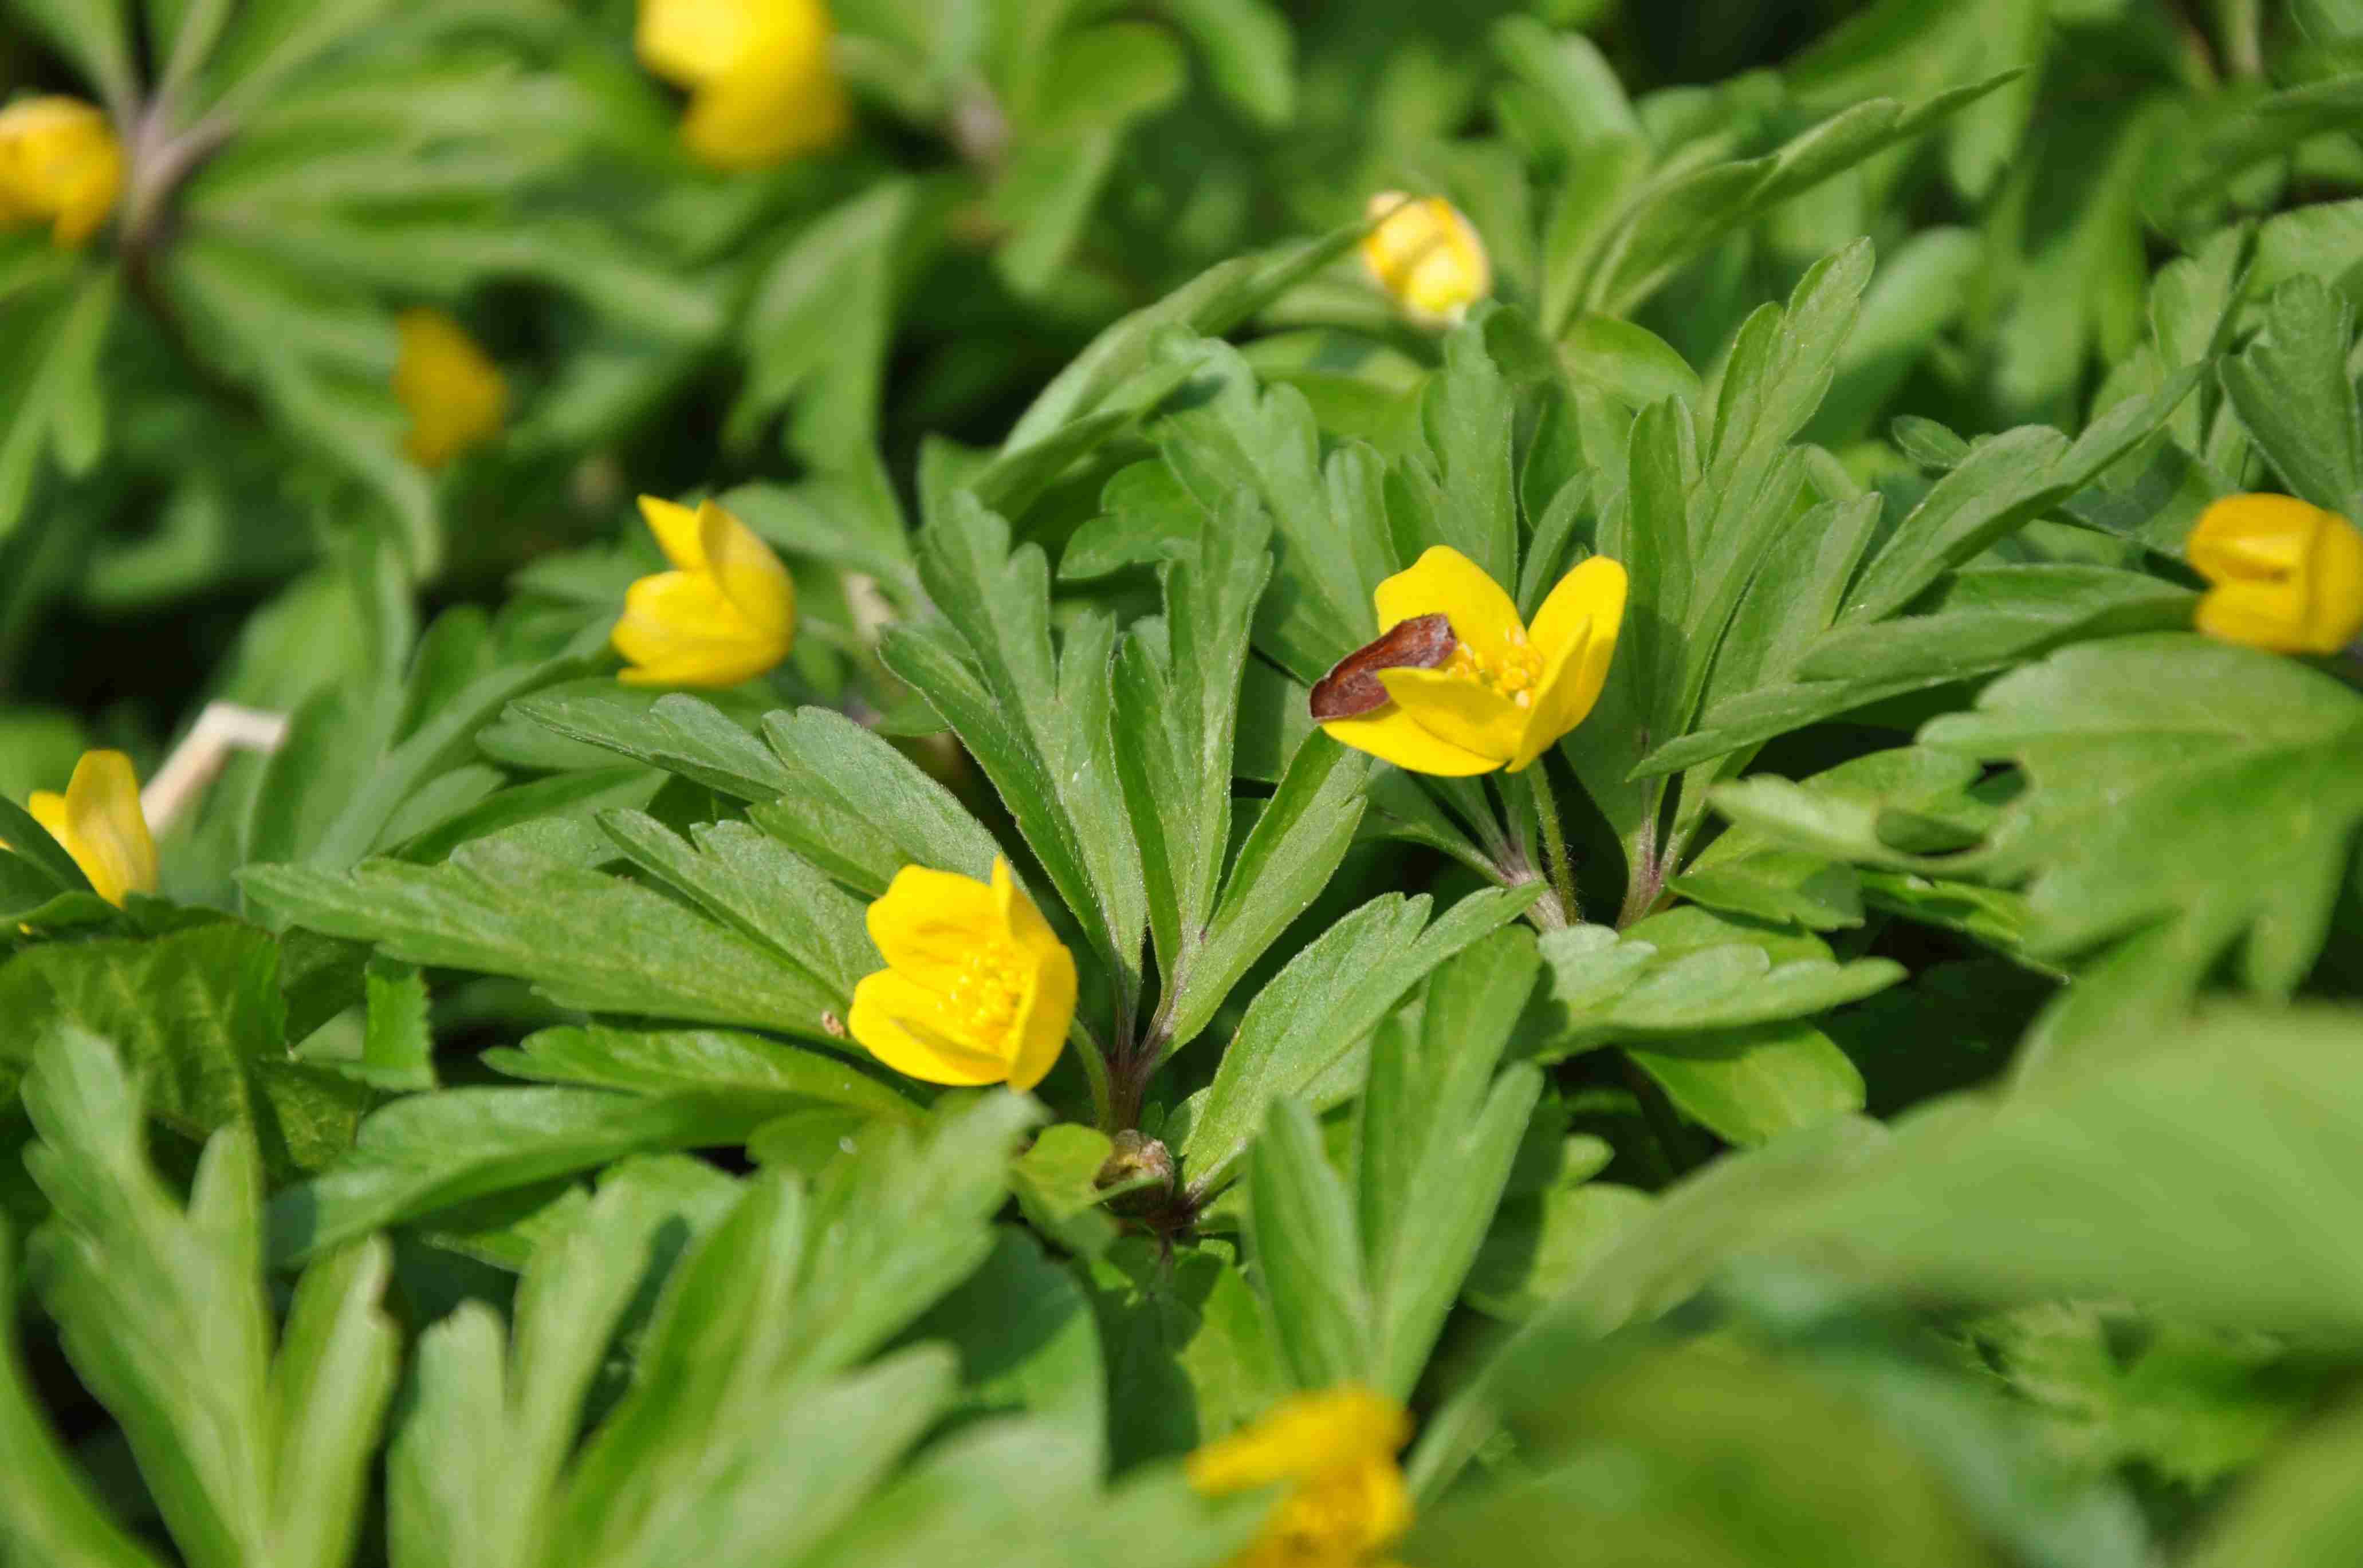 gula blommor namn